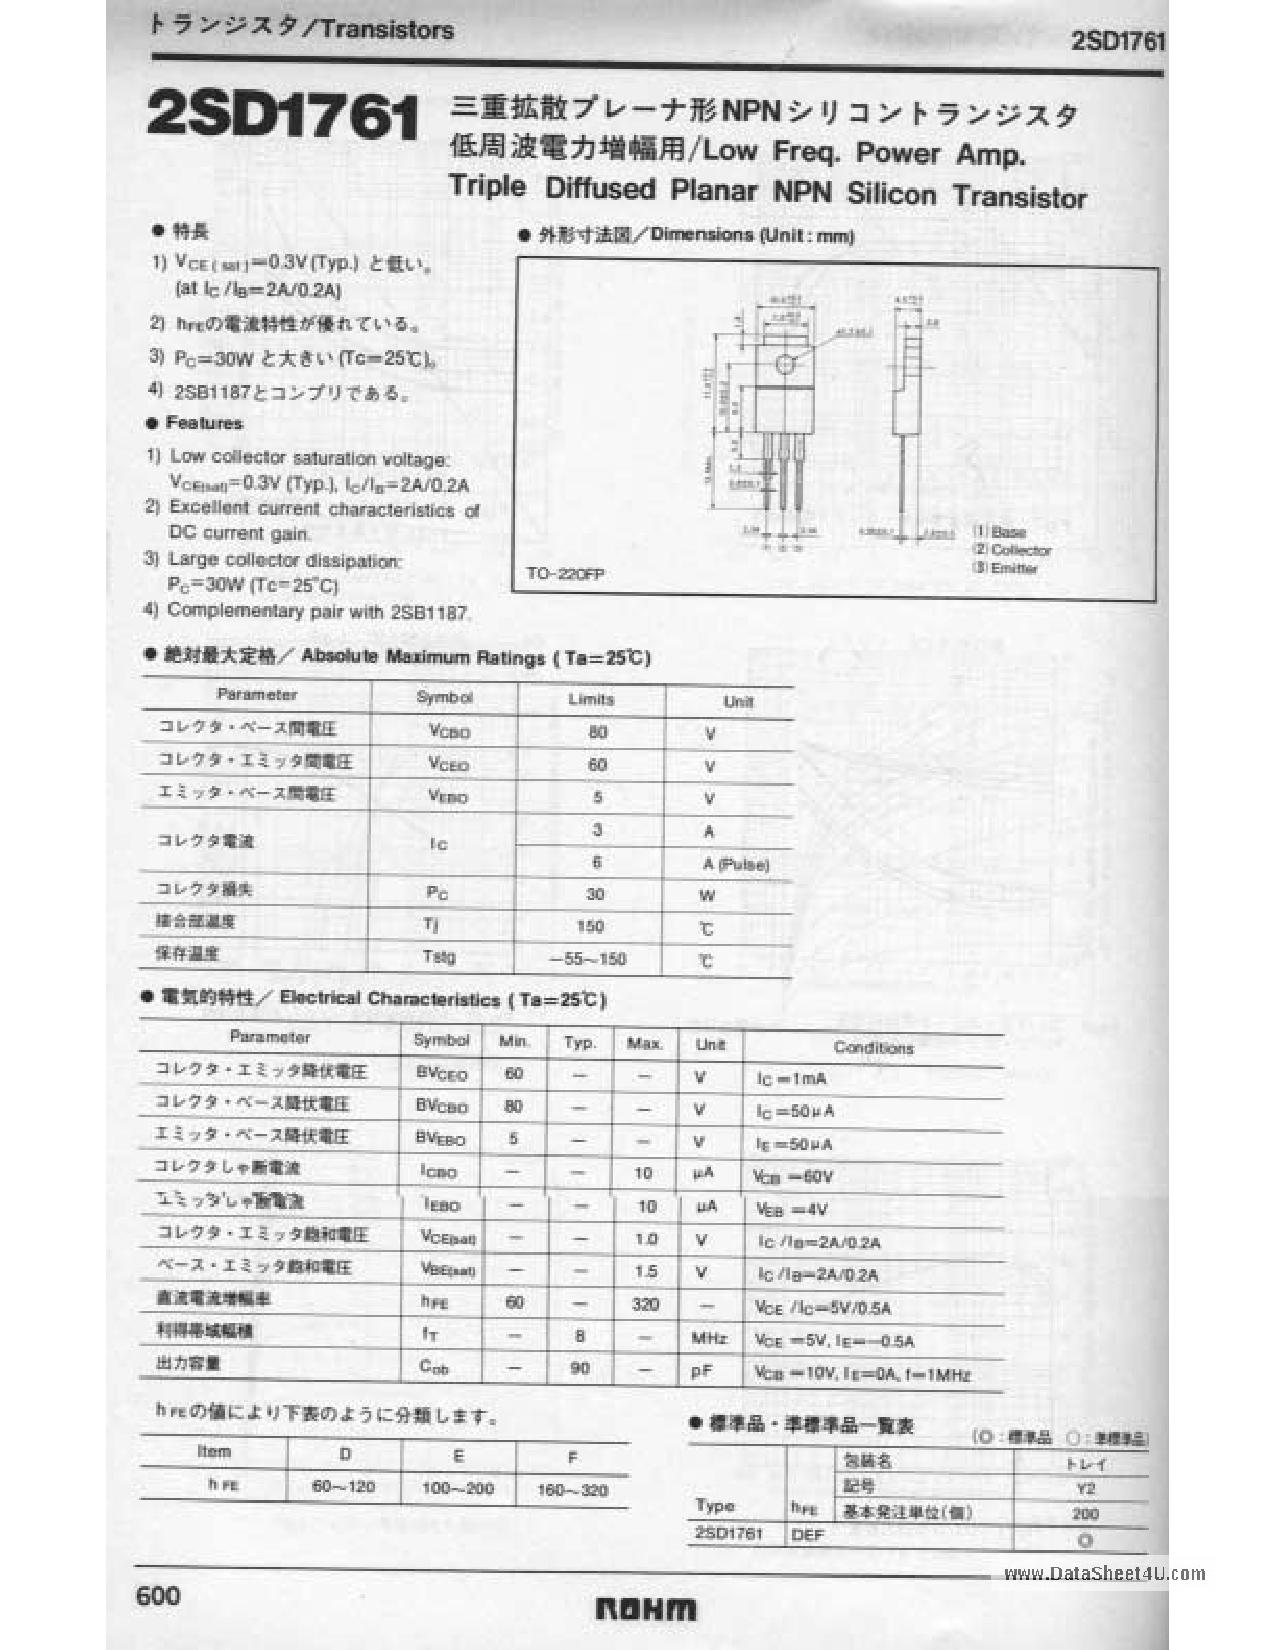 D1761 datasheet pdf image